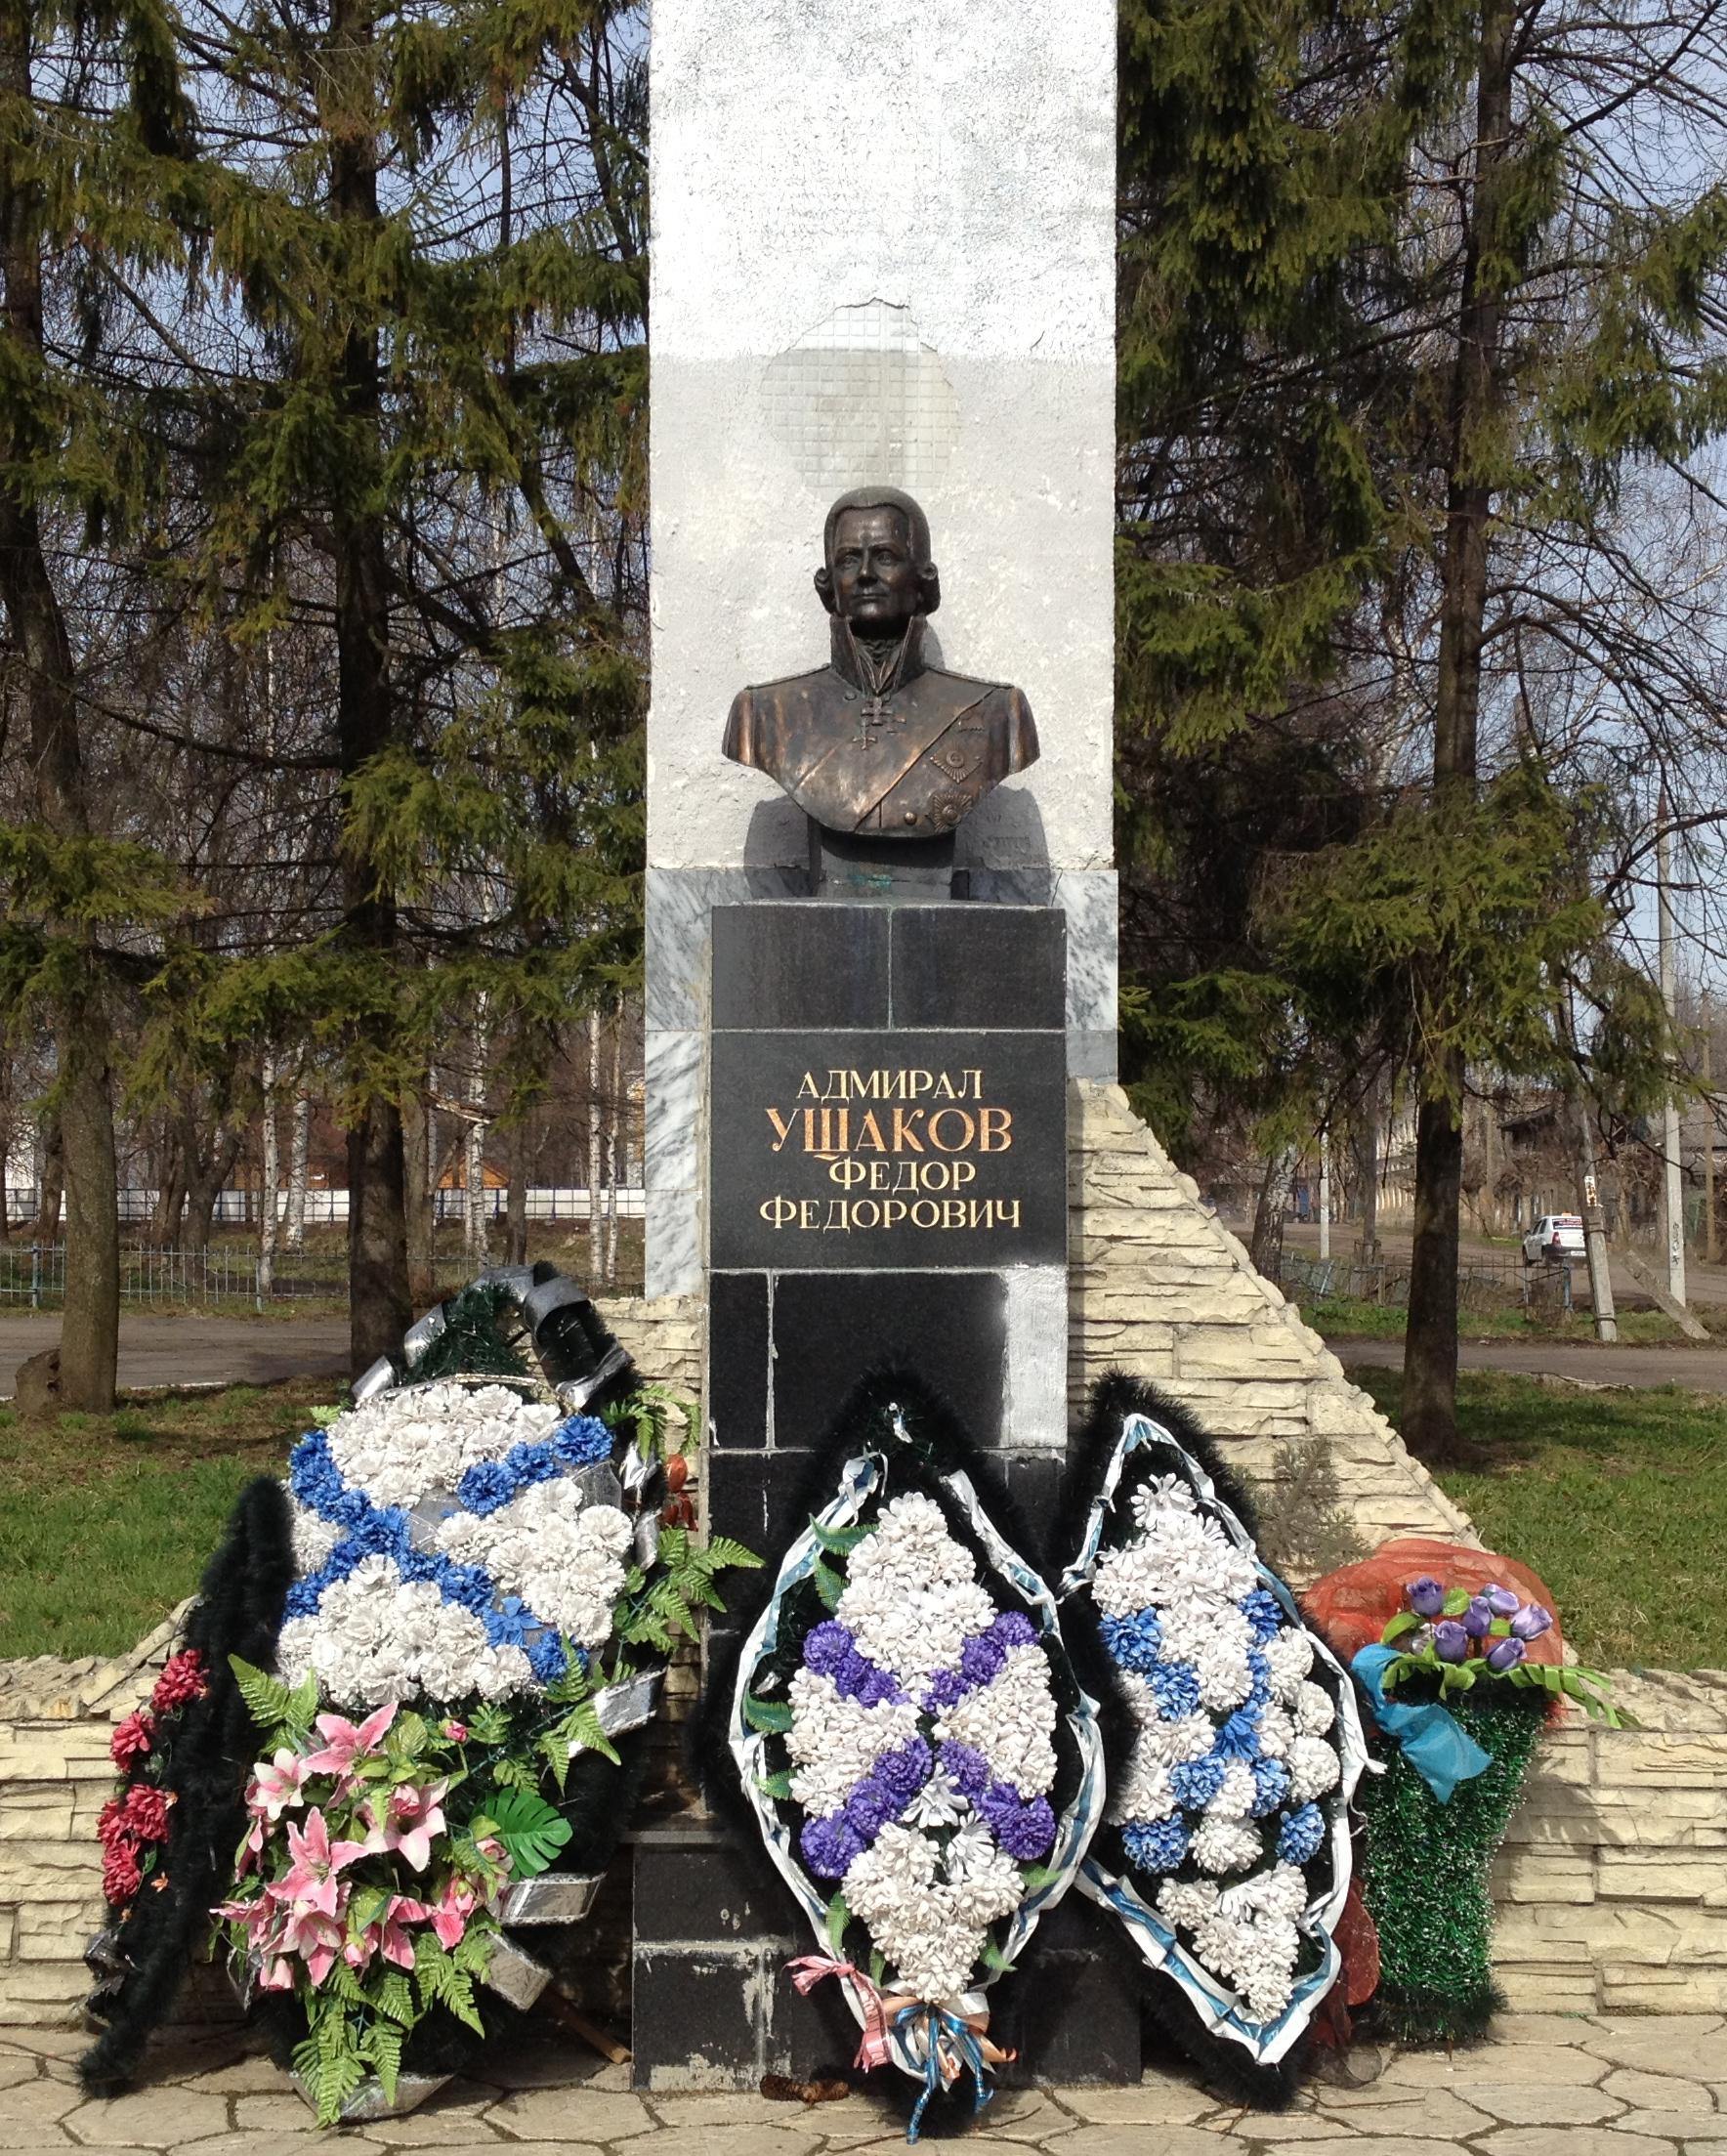 Файл:Памятник ушакову в тутаеве.jpeg — Википедия